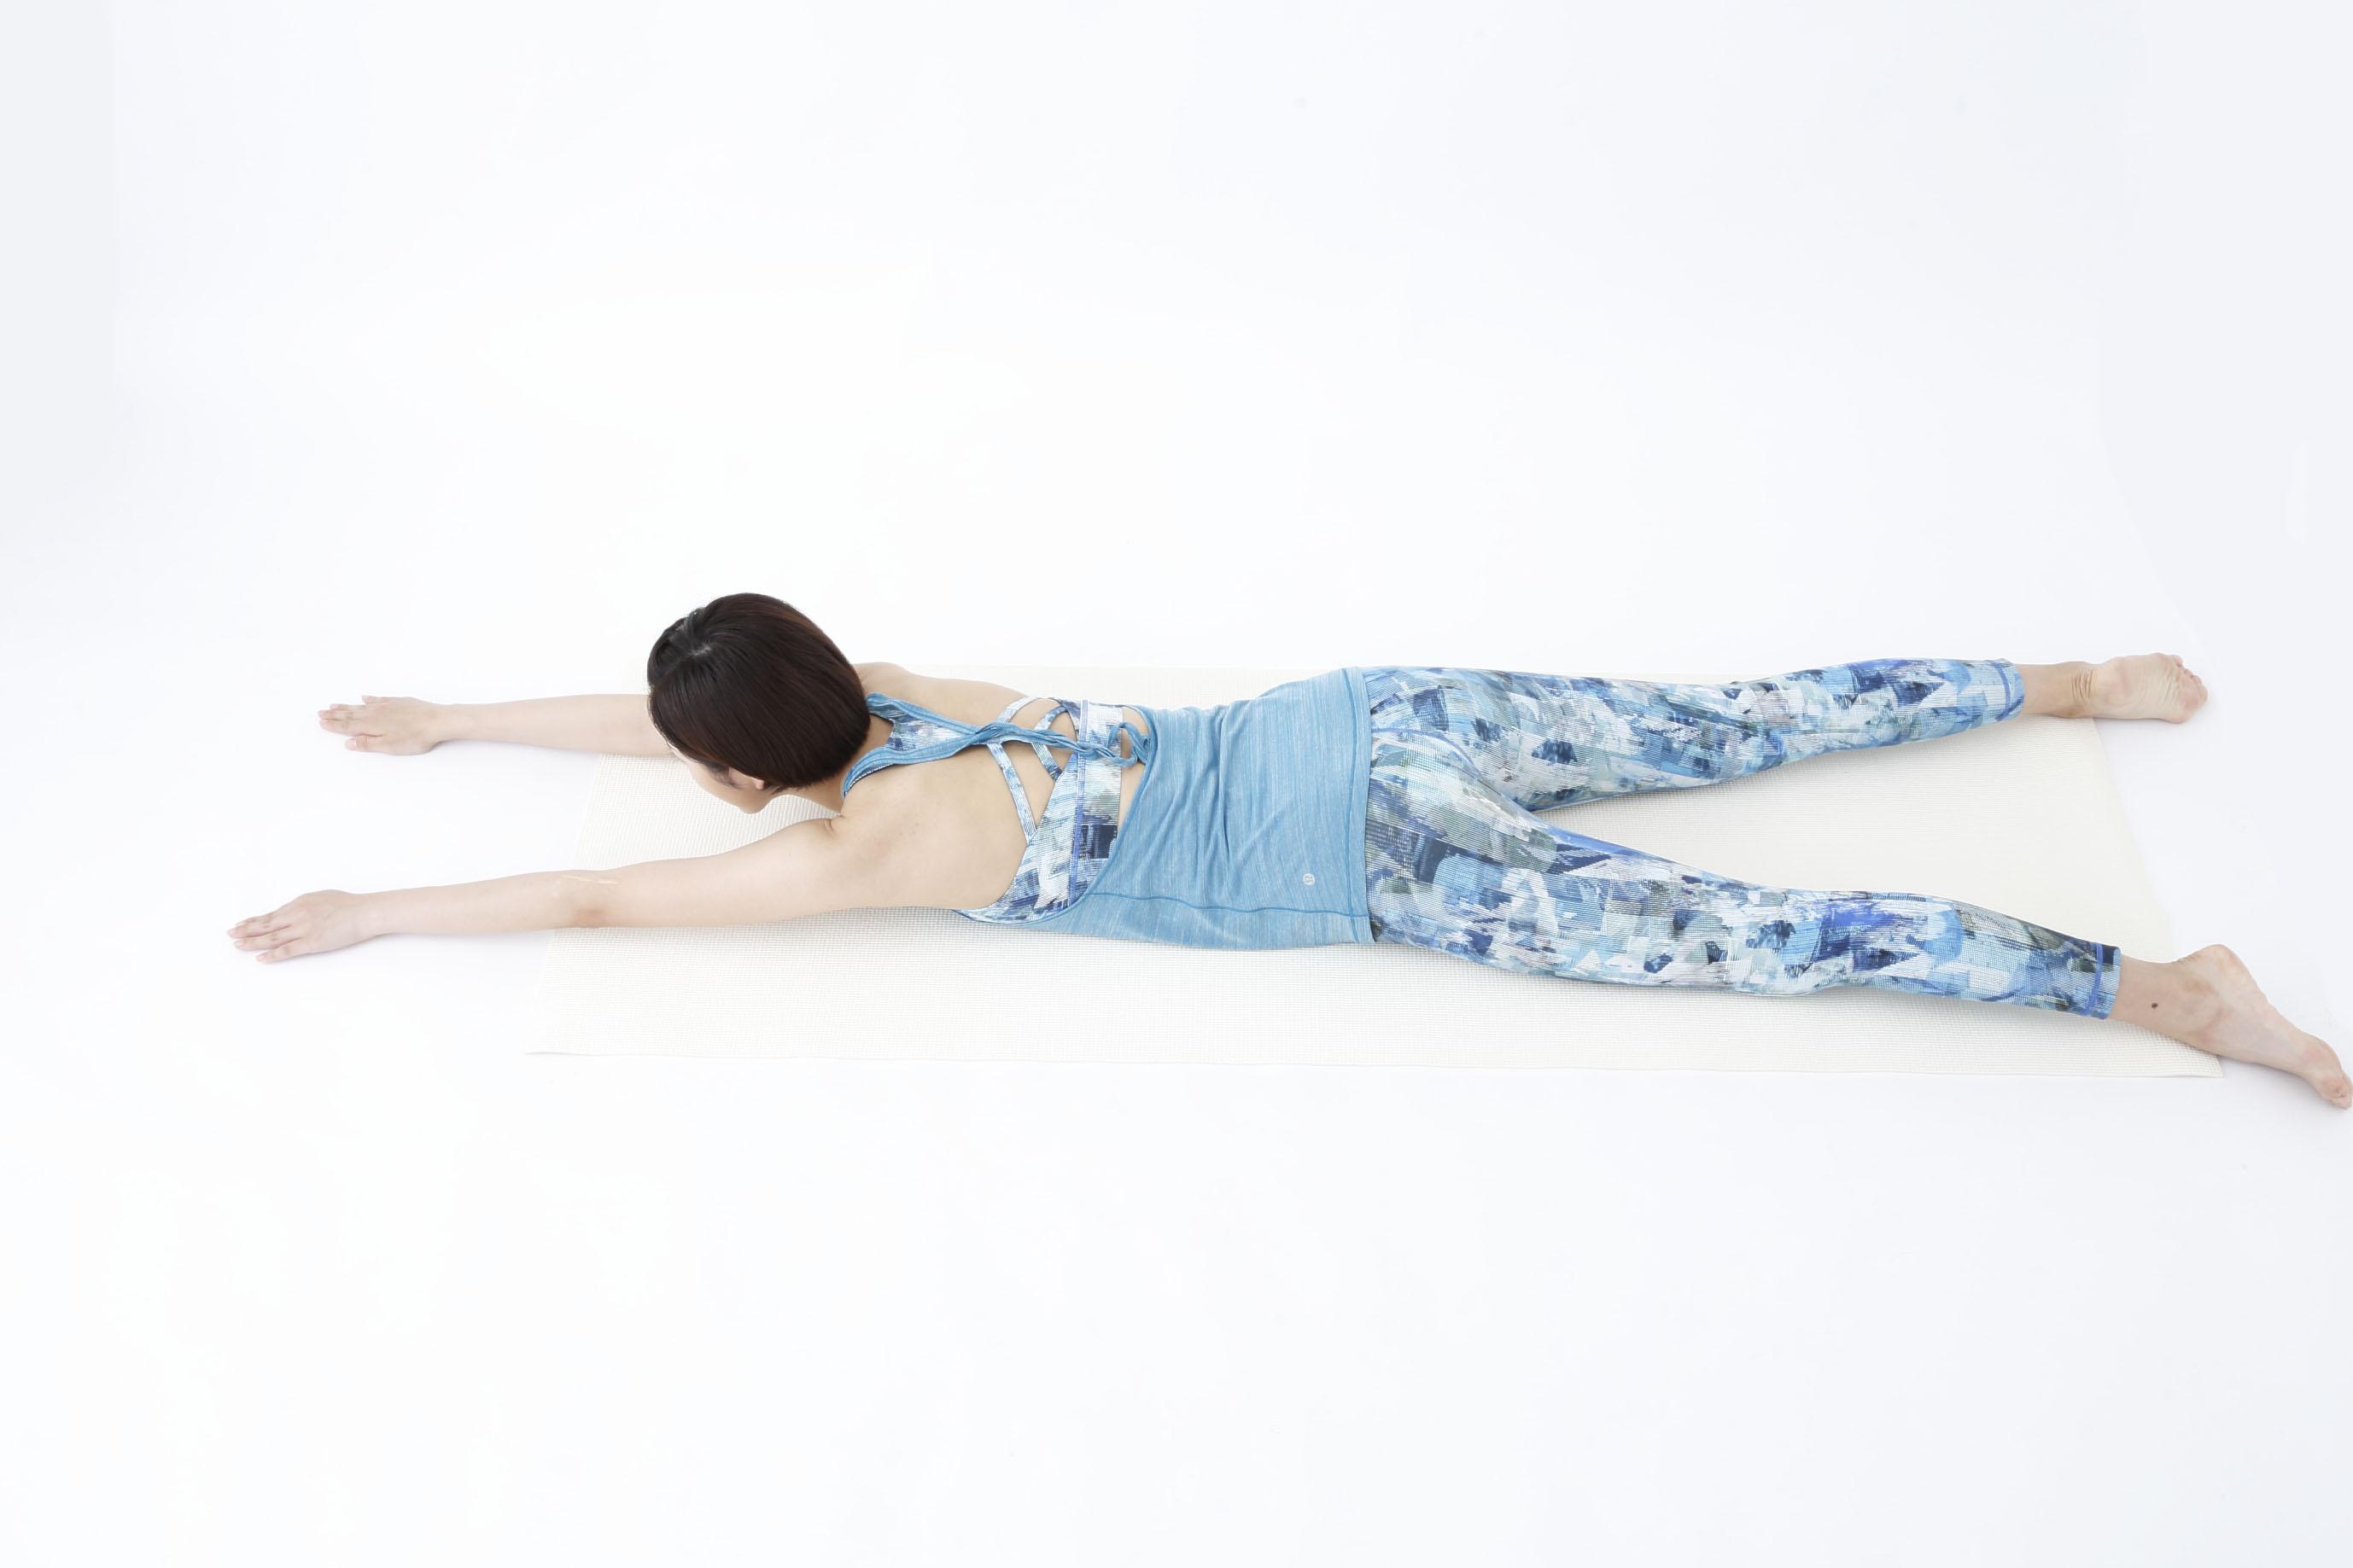 床にうつぶせになり、手脚を伸ばす女性